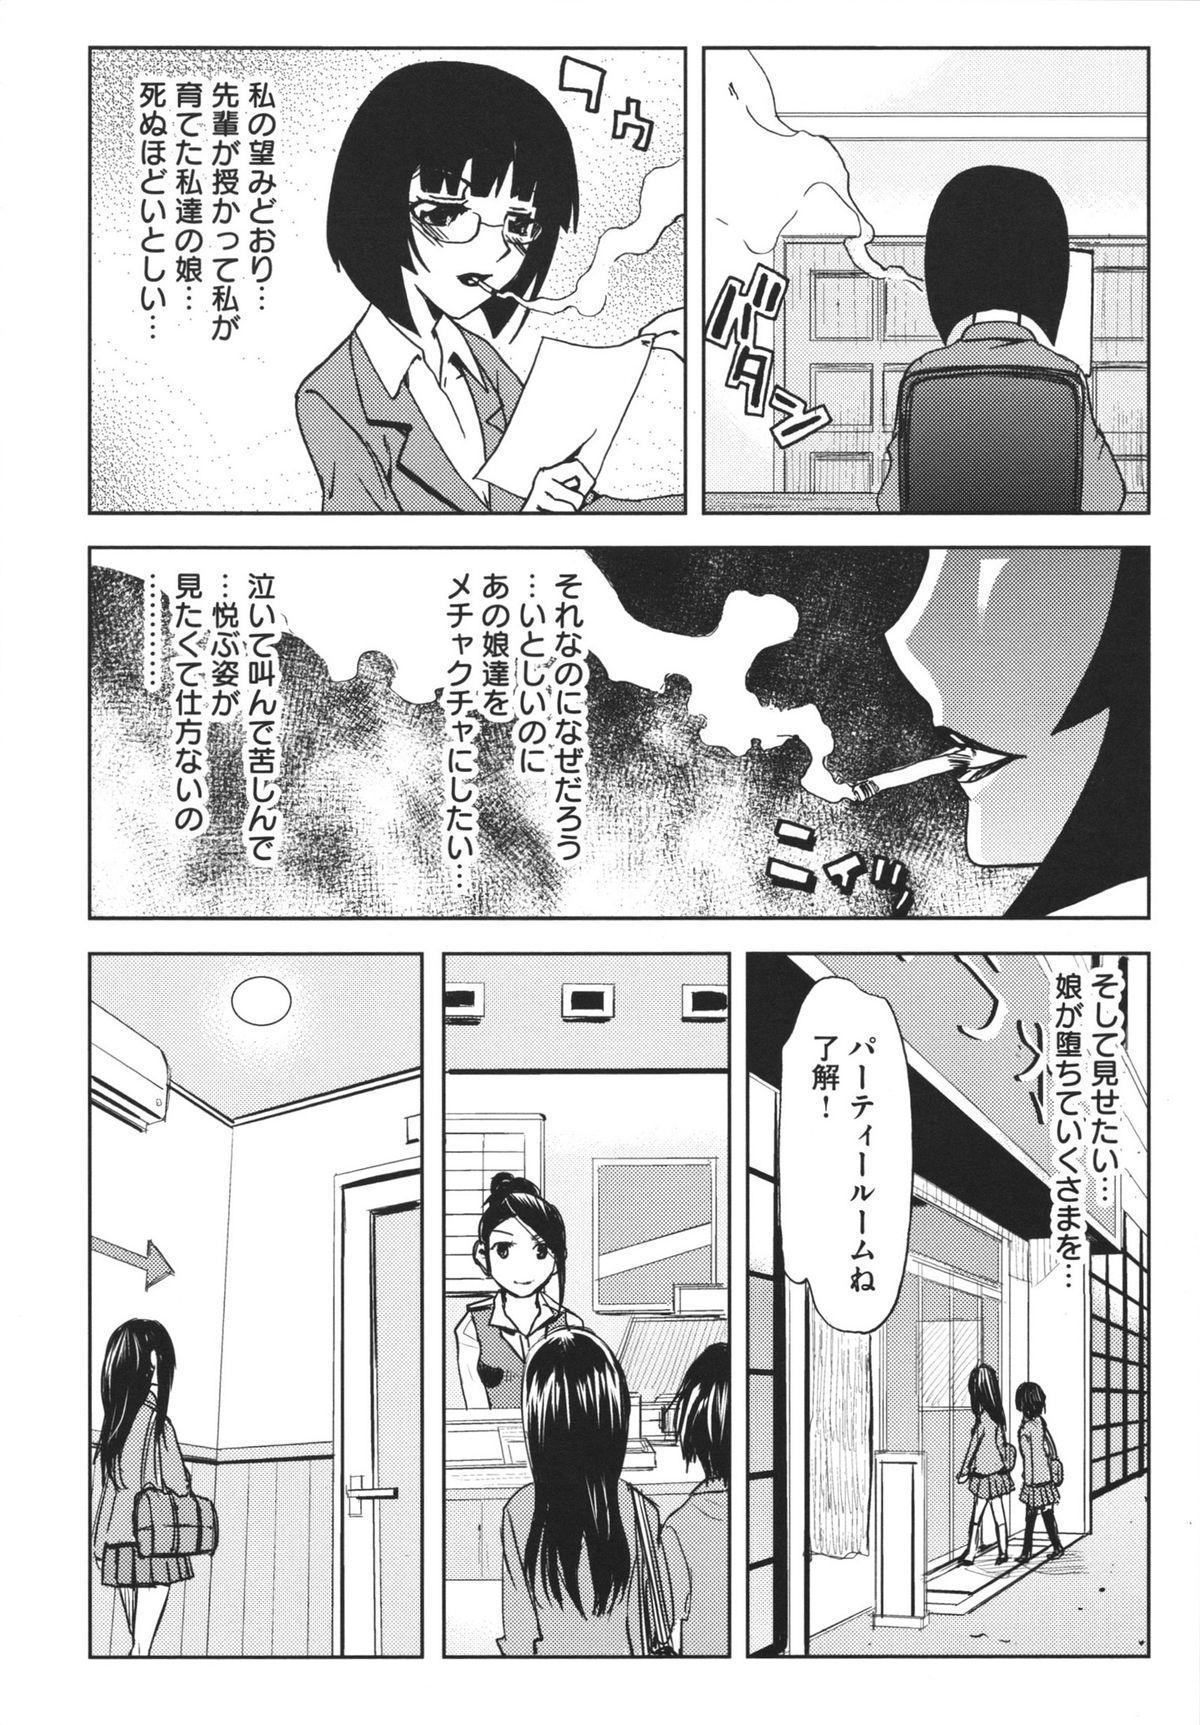 Chijoku no Sono 185